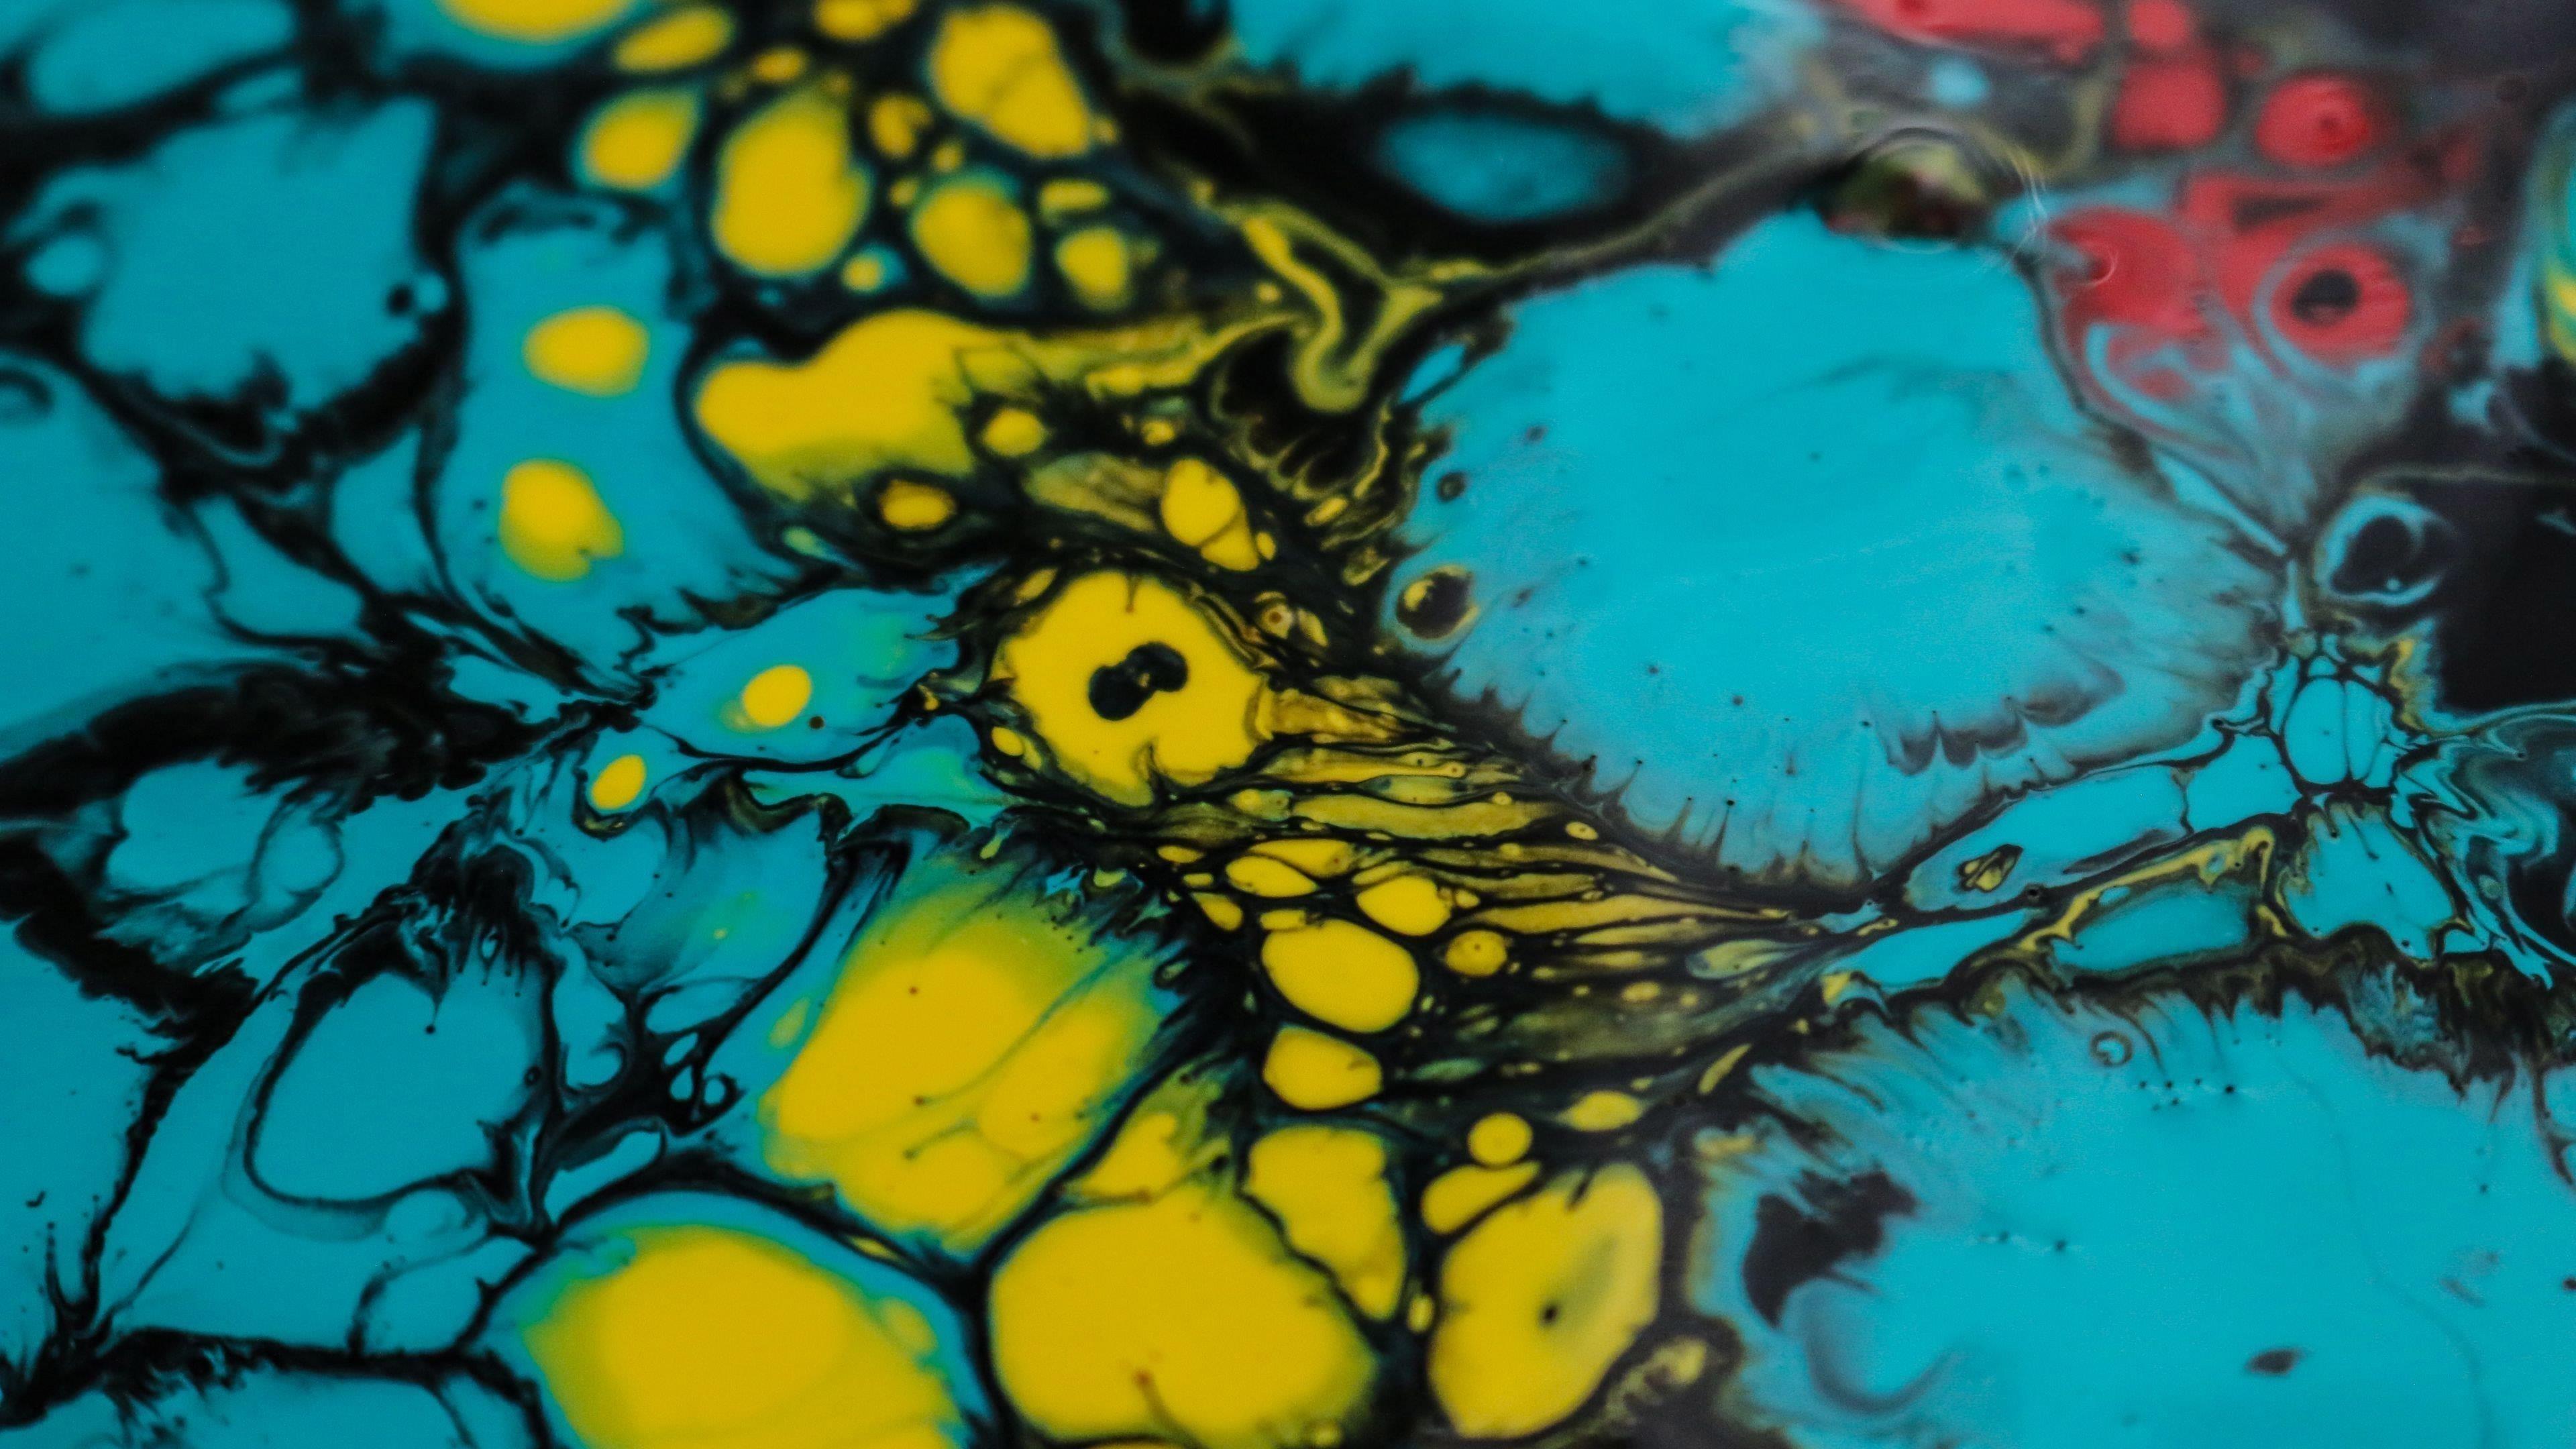 Синий черный желтый красный краски пятна пятна абстрактные обои скачать